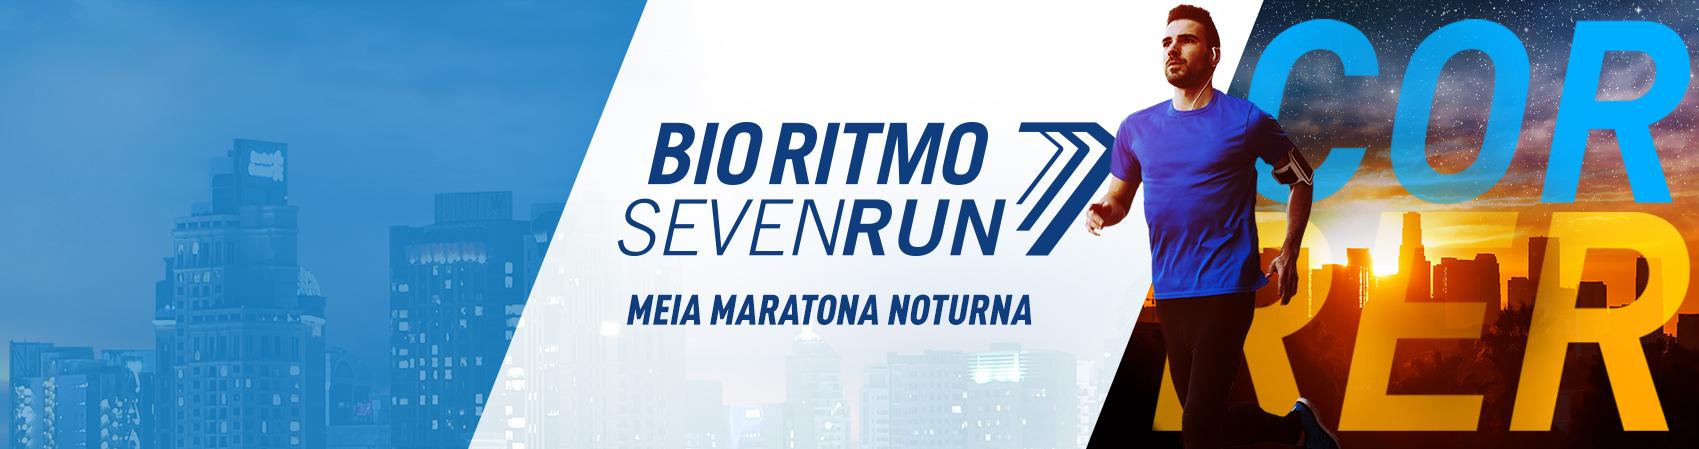 Bio Ritmo Seven Run 2018